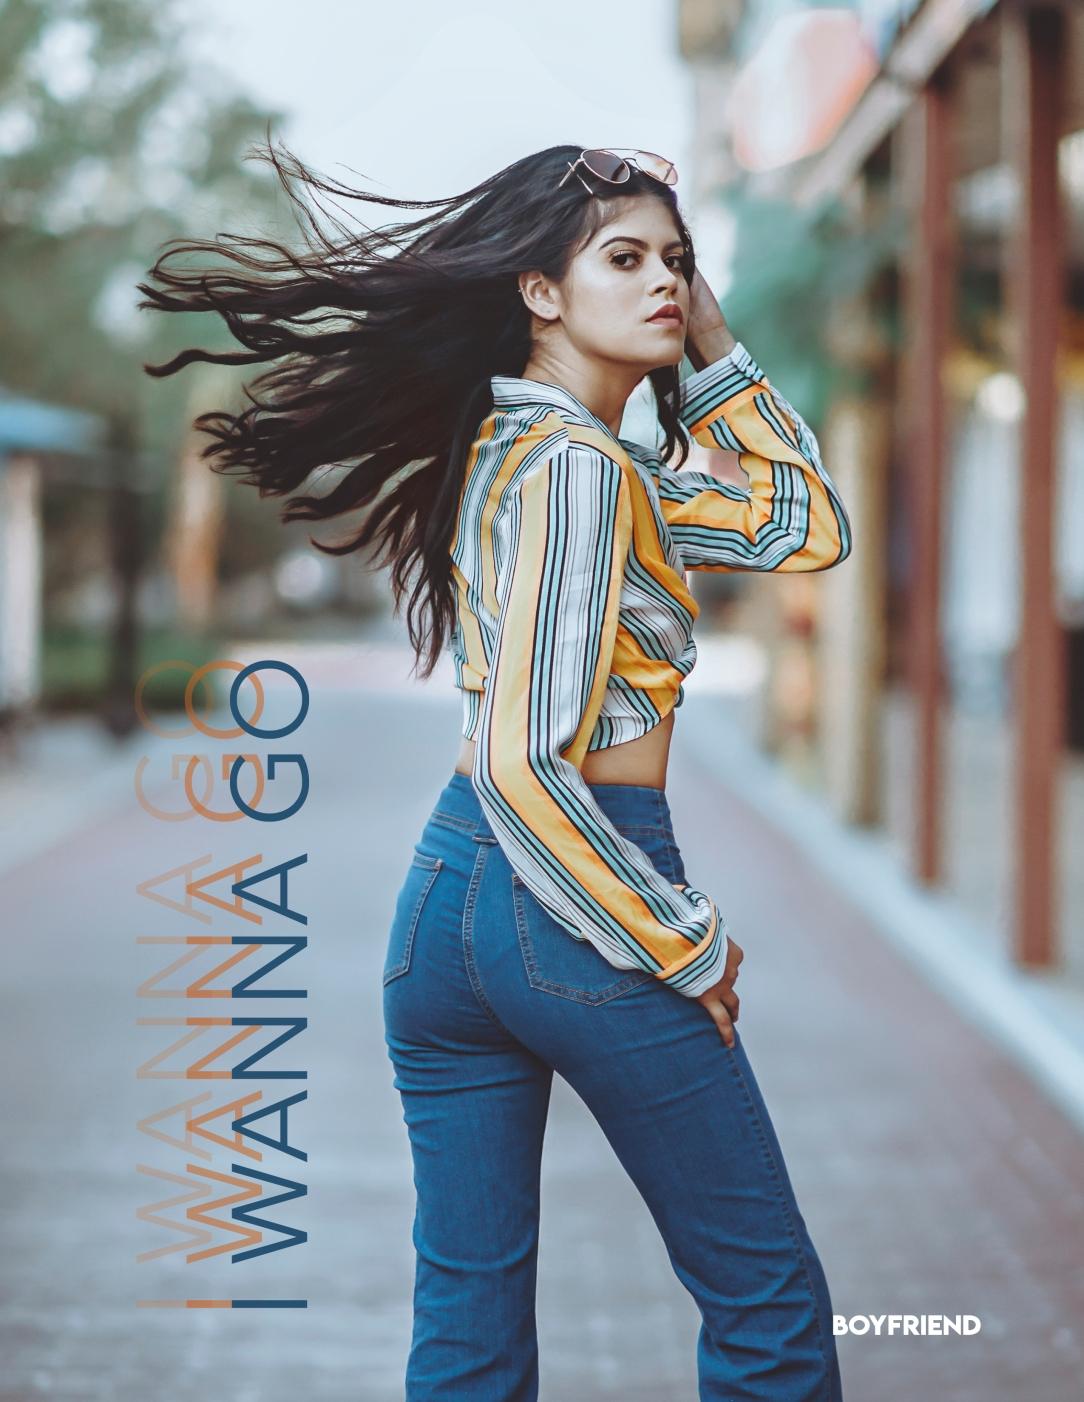 Boyfriend Mag - August 2018 - I Wanna Go - Rose R Anduzar